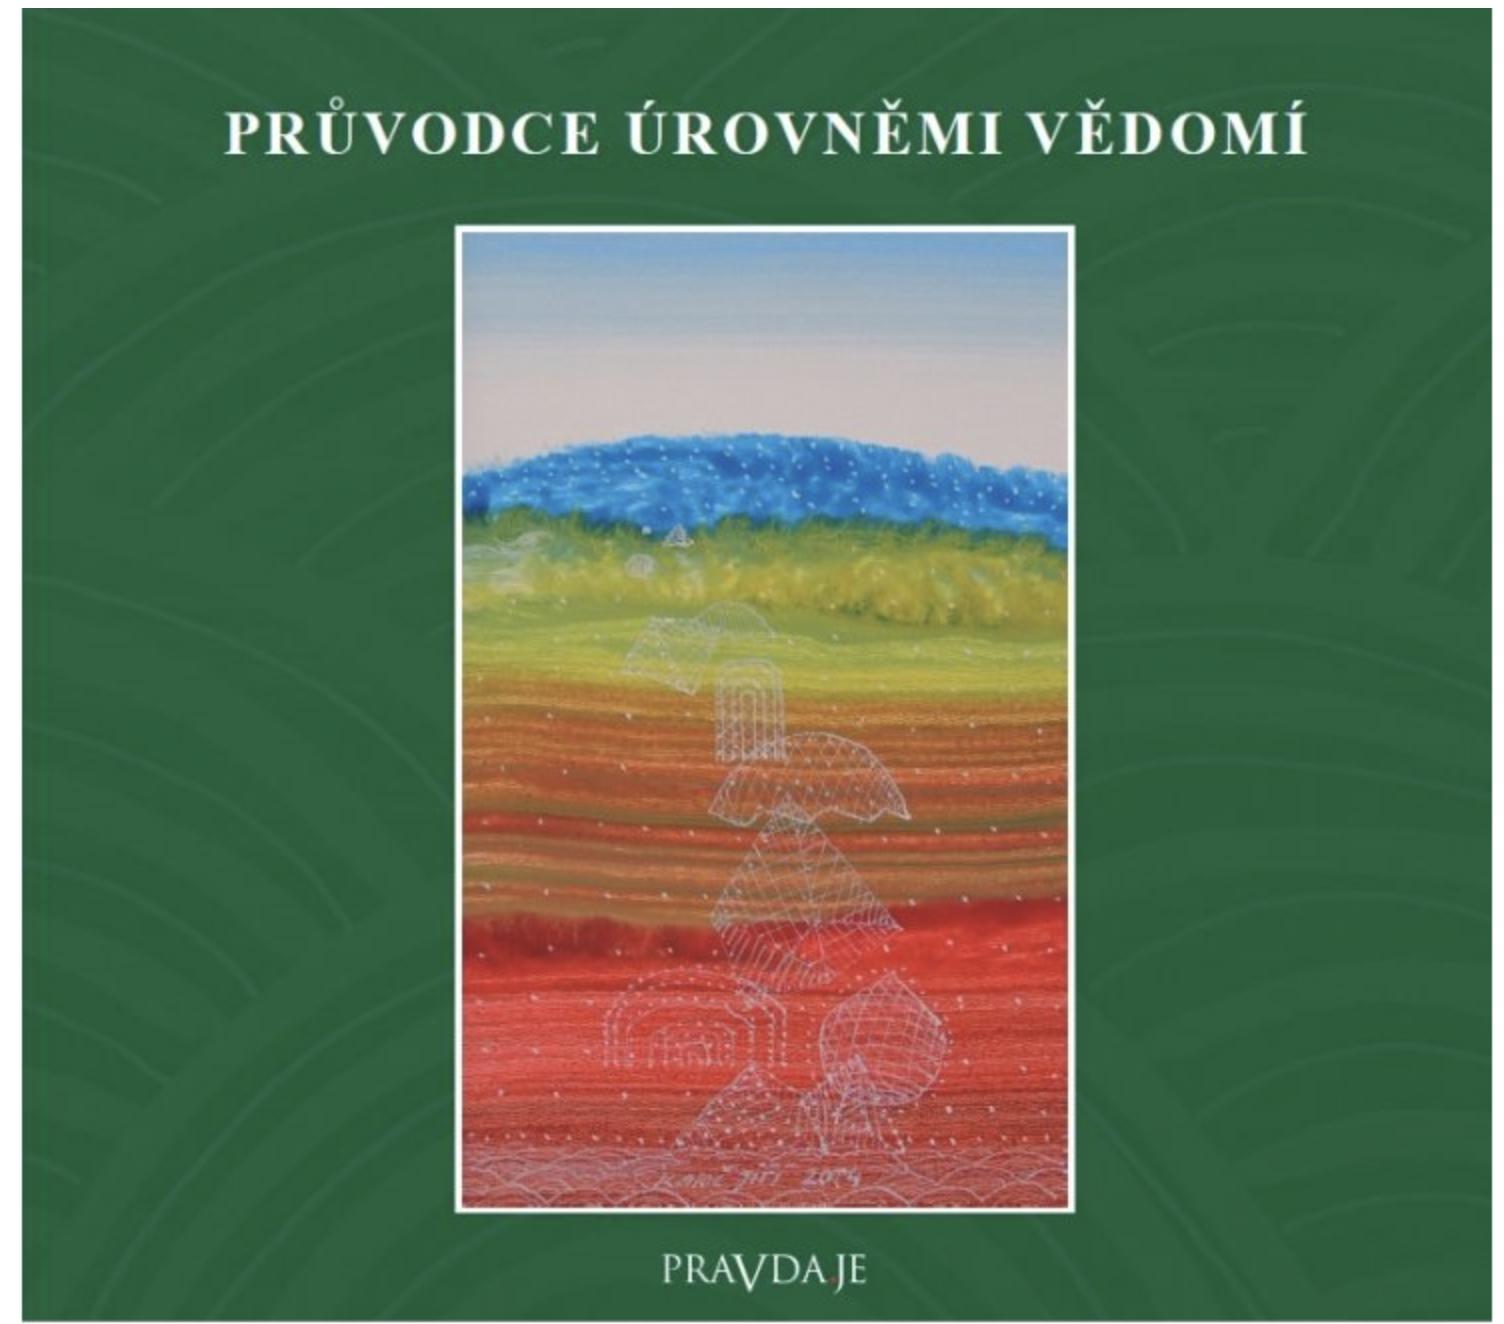 PRAVDA.JE Průvodce úrovněmi vědomí, audiokniha na CD - Dr. David R. Hawkins